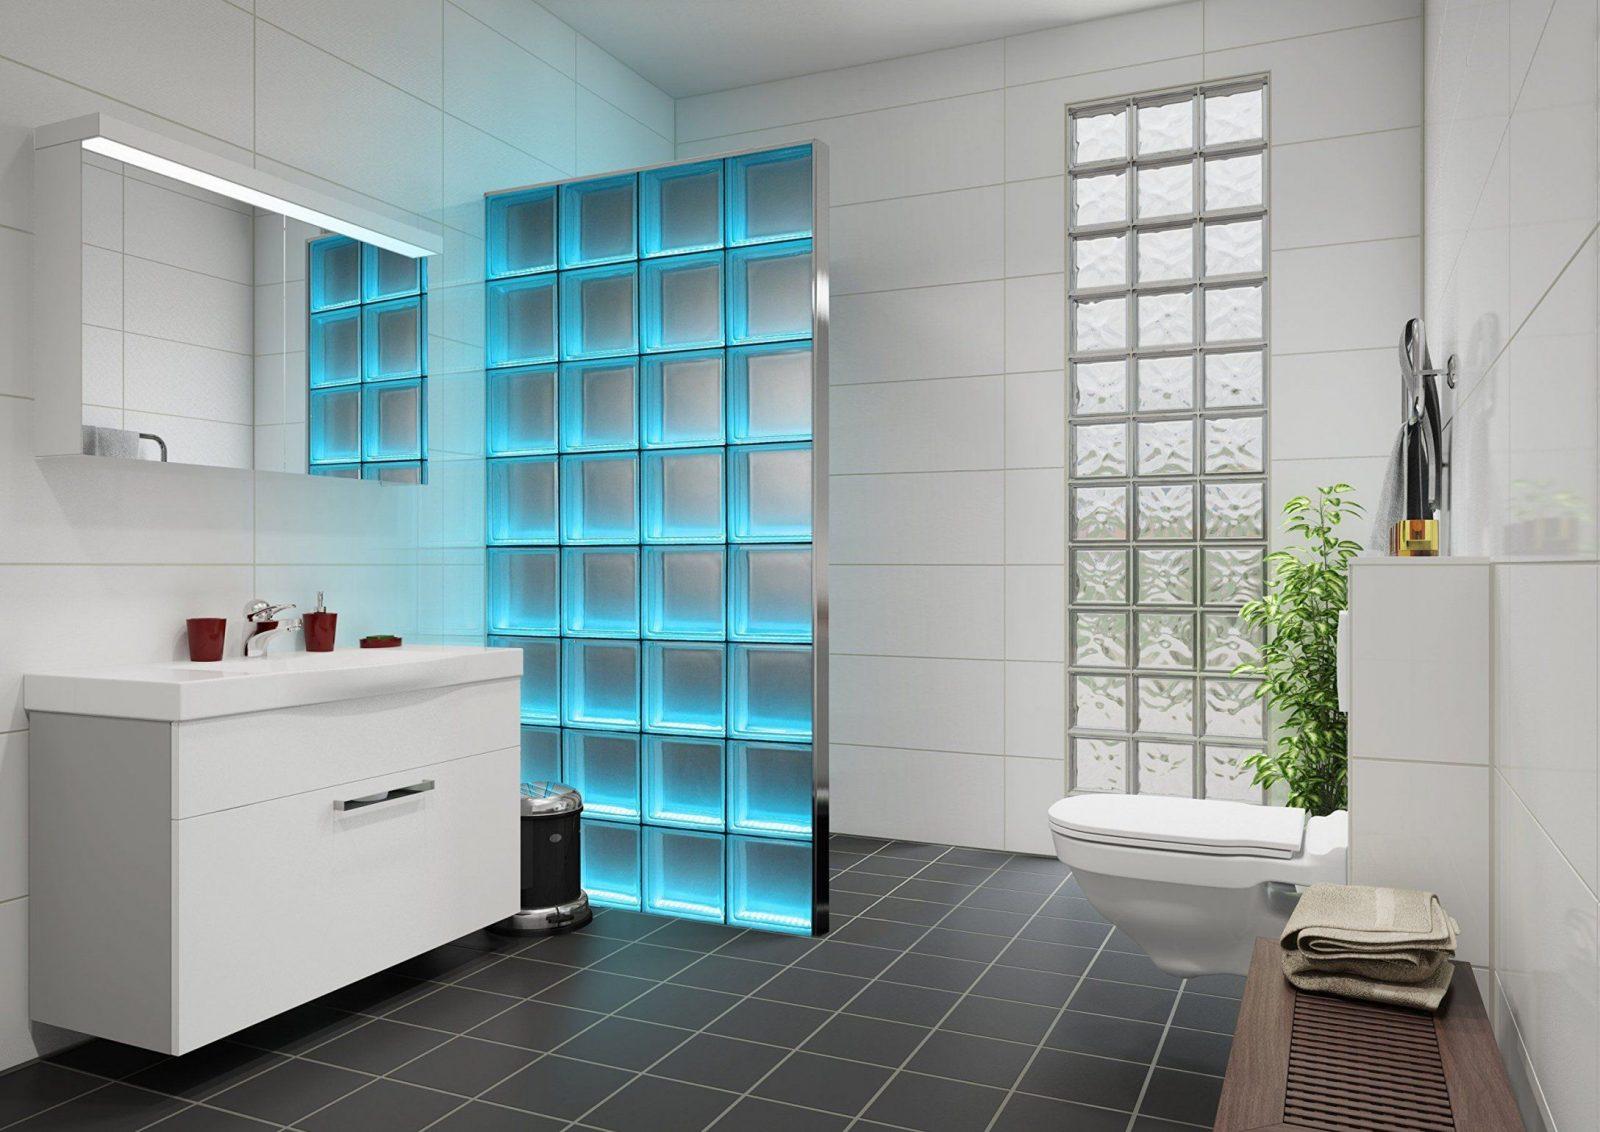 wunderbar glasbausteine f r dusche dusche glasbausteine sp2008 von dusche selber bauen. Black Bedroom Furniture Sets. Home Design Ideas